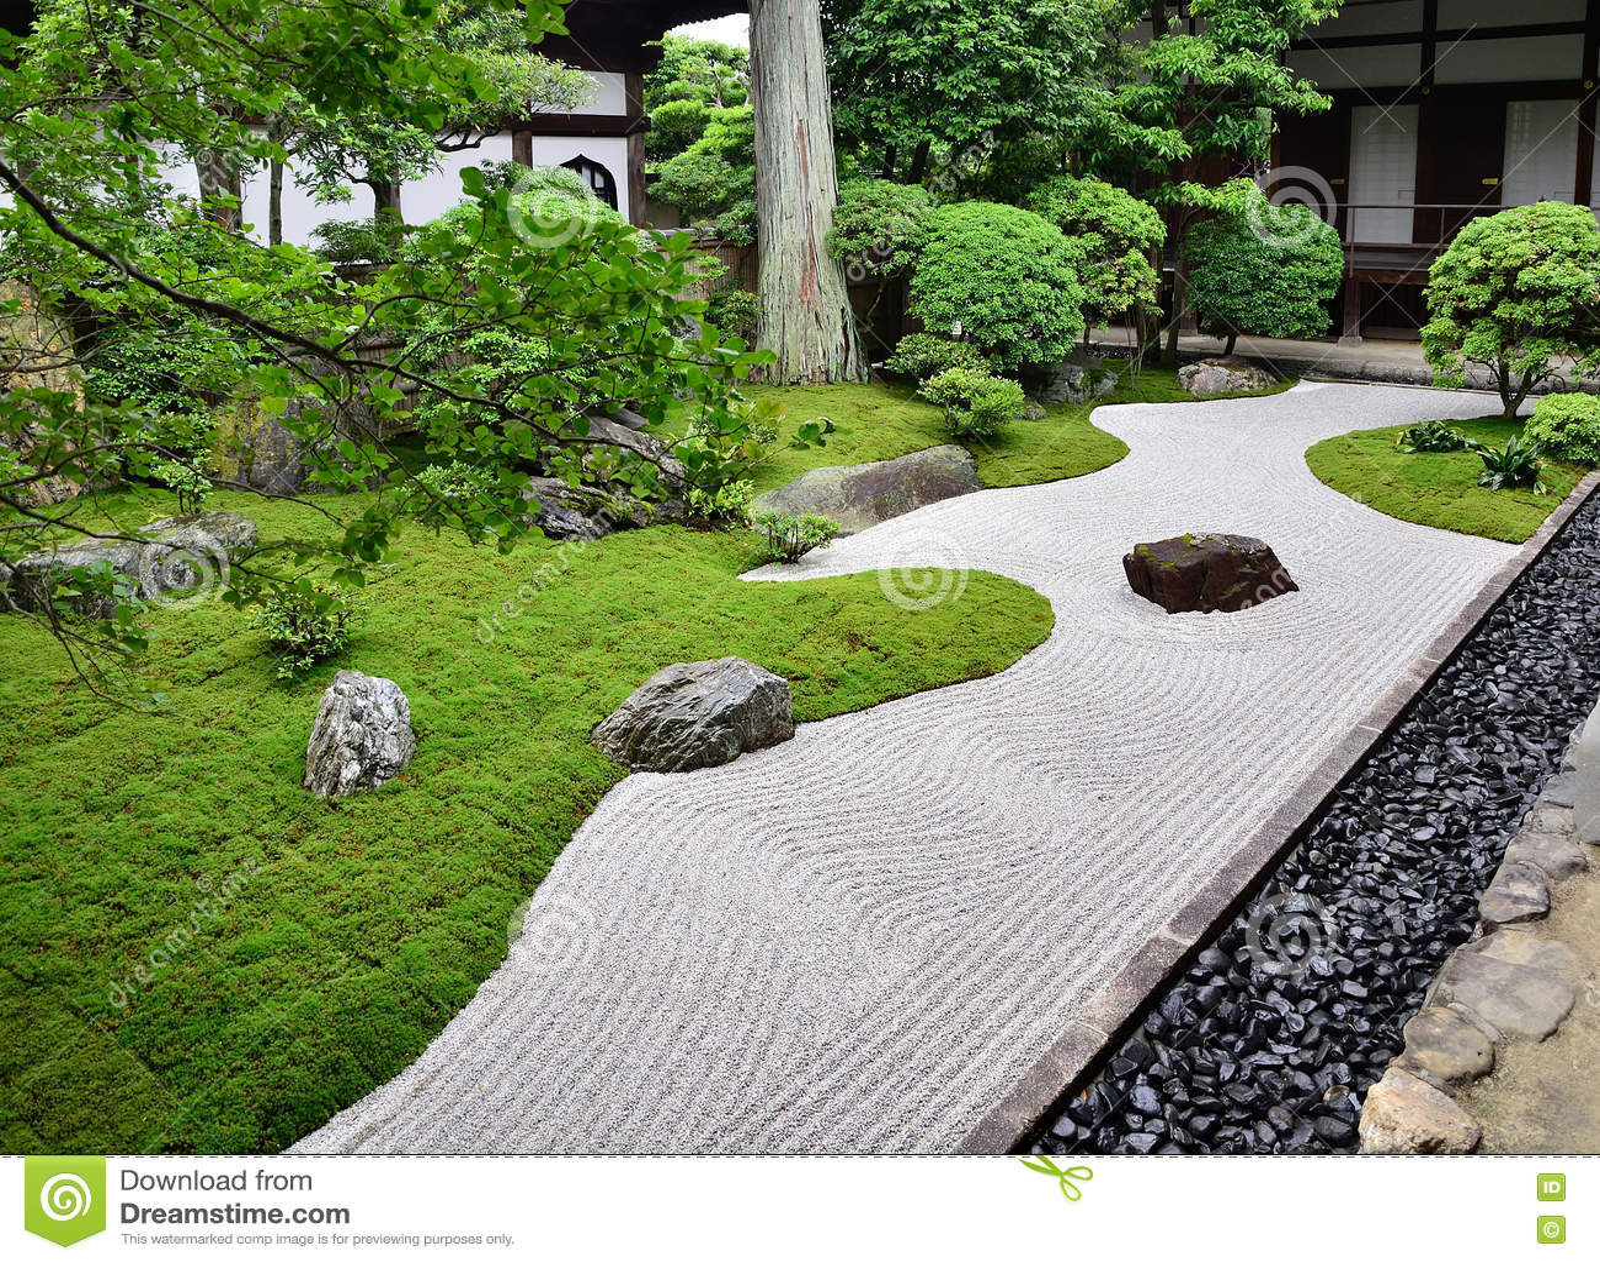 Rocce In Giardino.Giardino Di Rocce Del Tempio Di Zen Kyoto Giappone